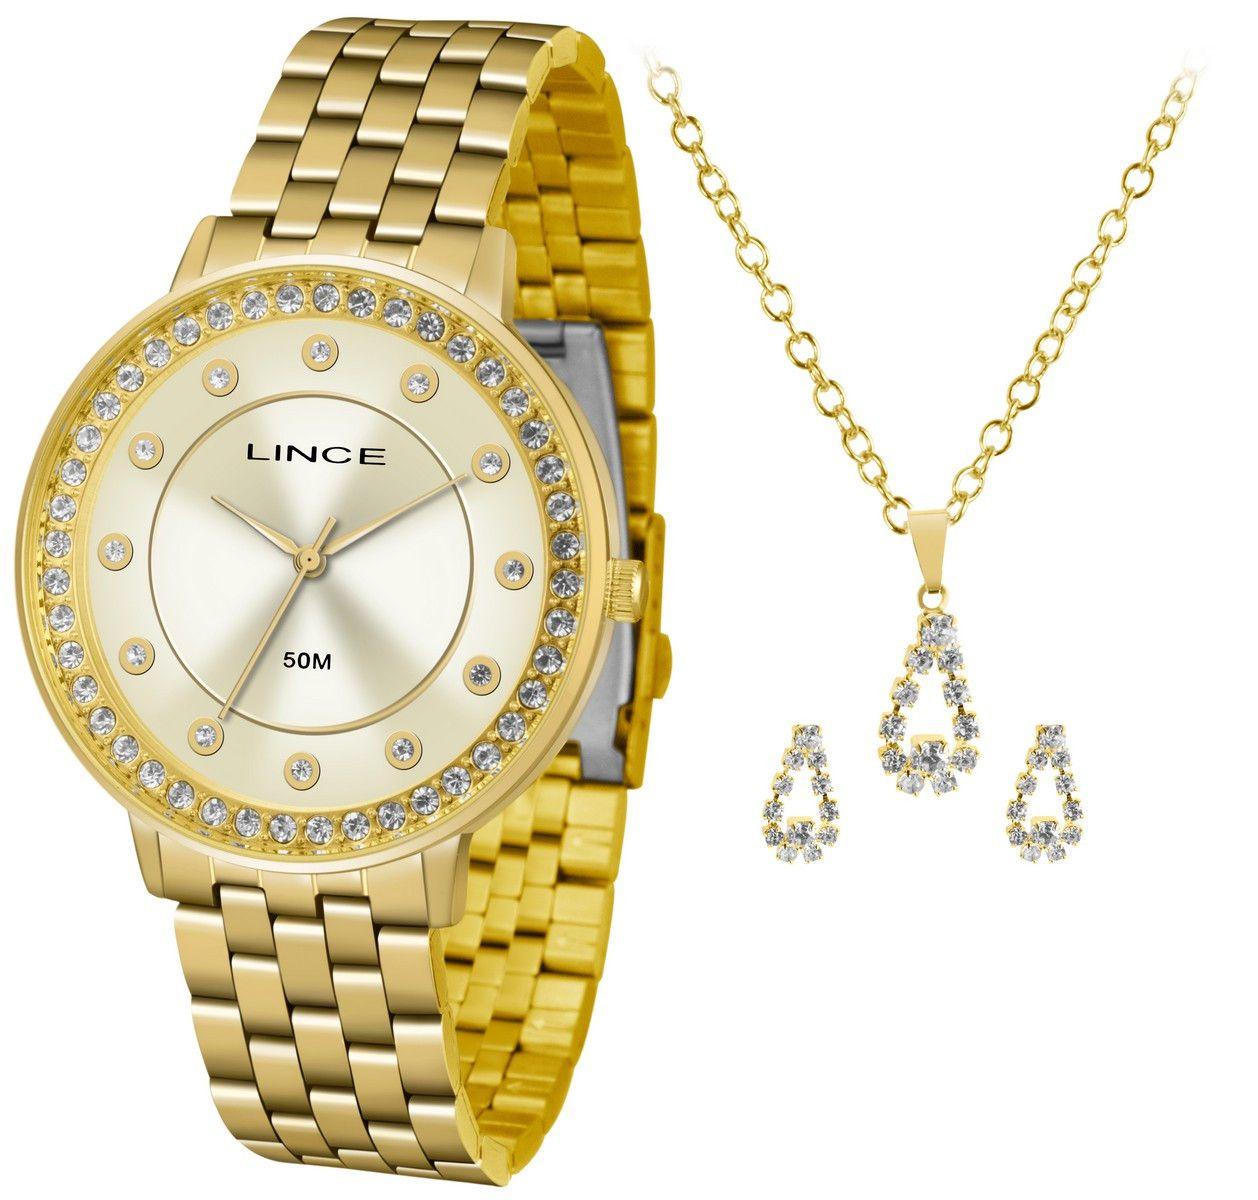 Relógio Feminino Lince Urban Dourado Kit c/ Colar e Brincos LRGH090L-KV54C1KX